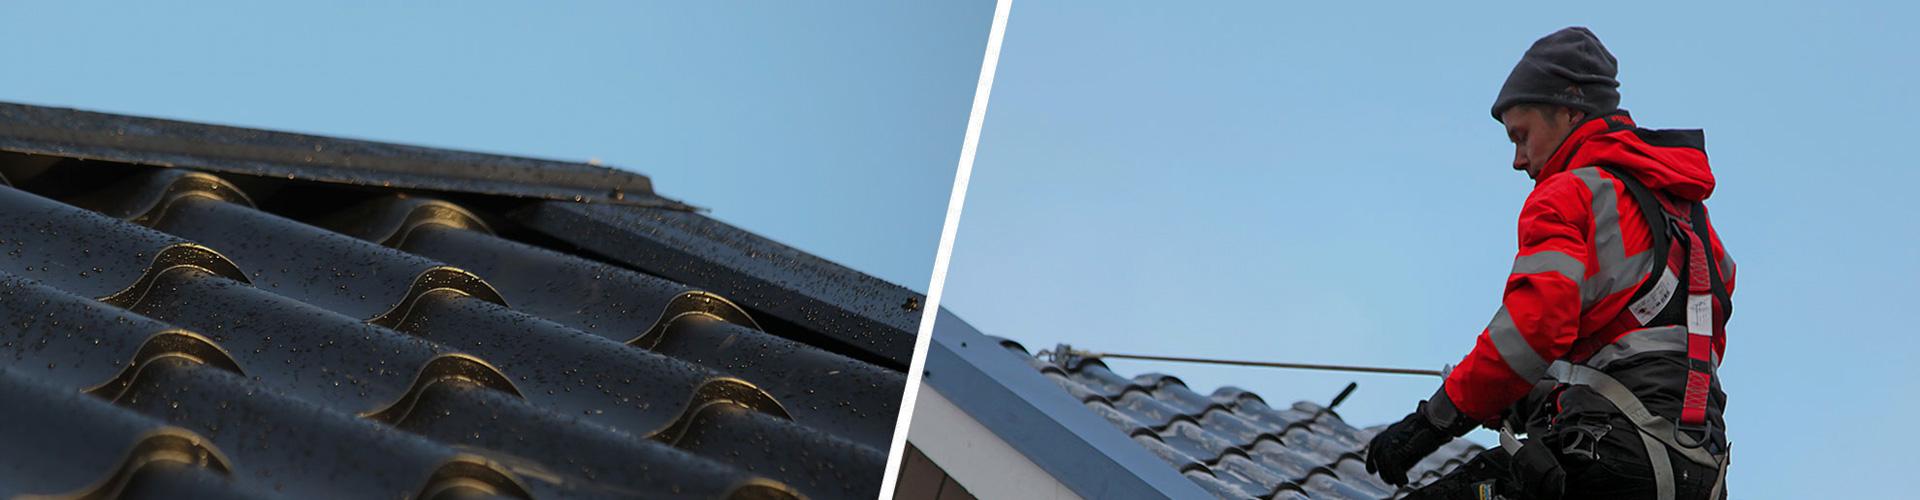 Inredning lägga nytt tak kostnad : Takläggare Stockholm | Takläggning med kvalitetsgaranti